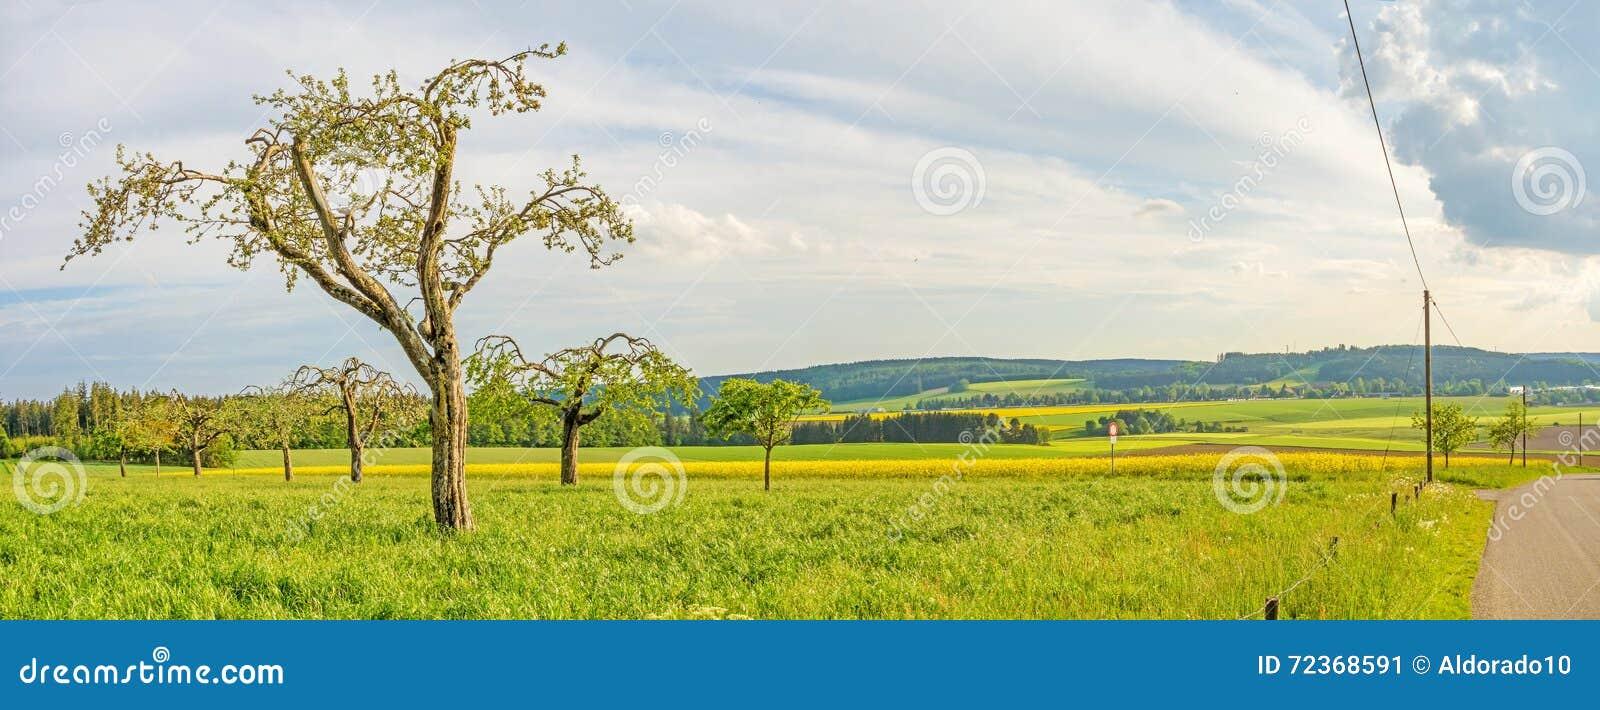 有果树全景的-农村风景绿色草甸